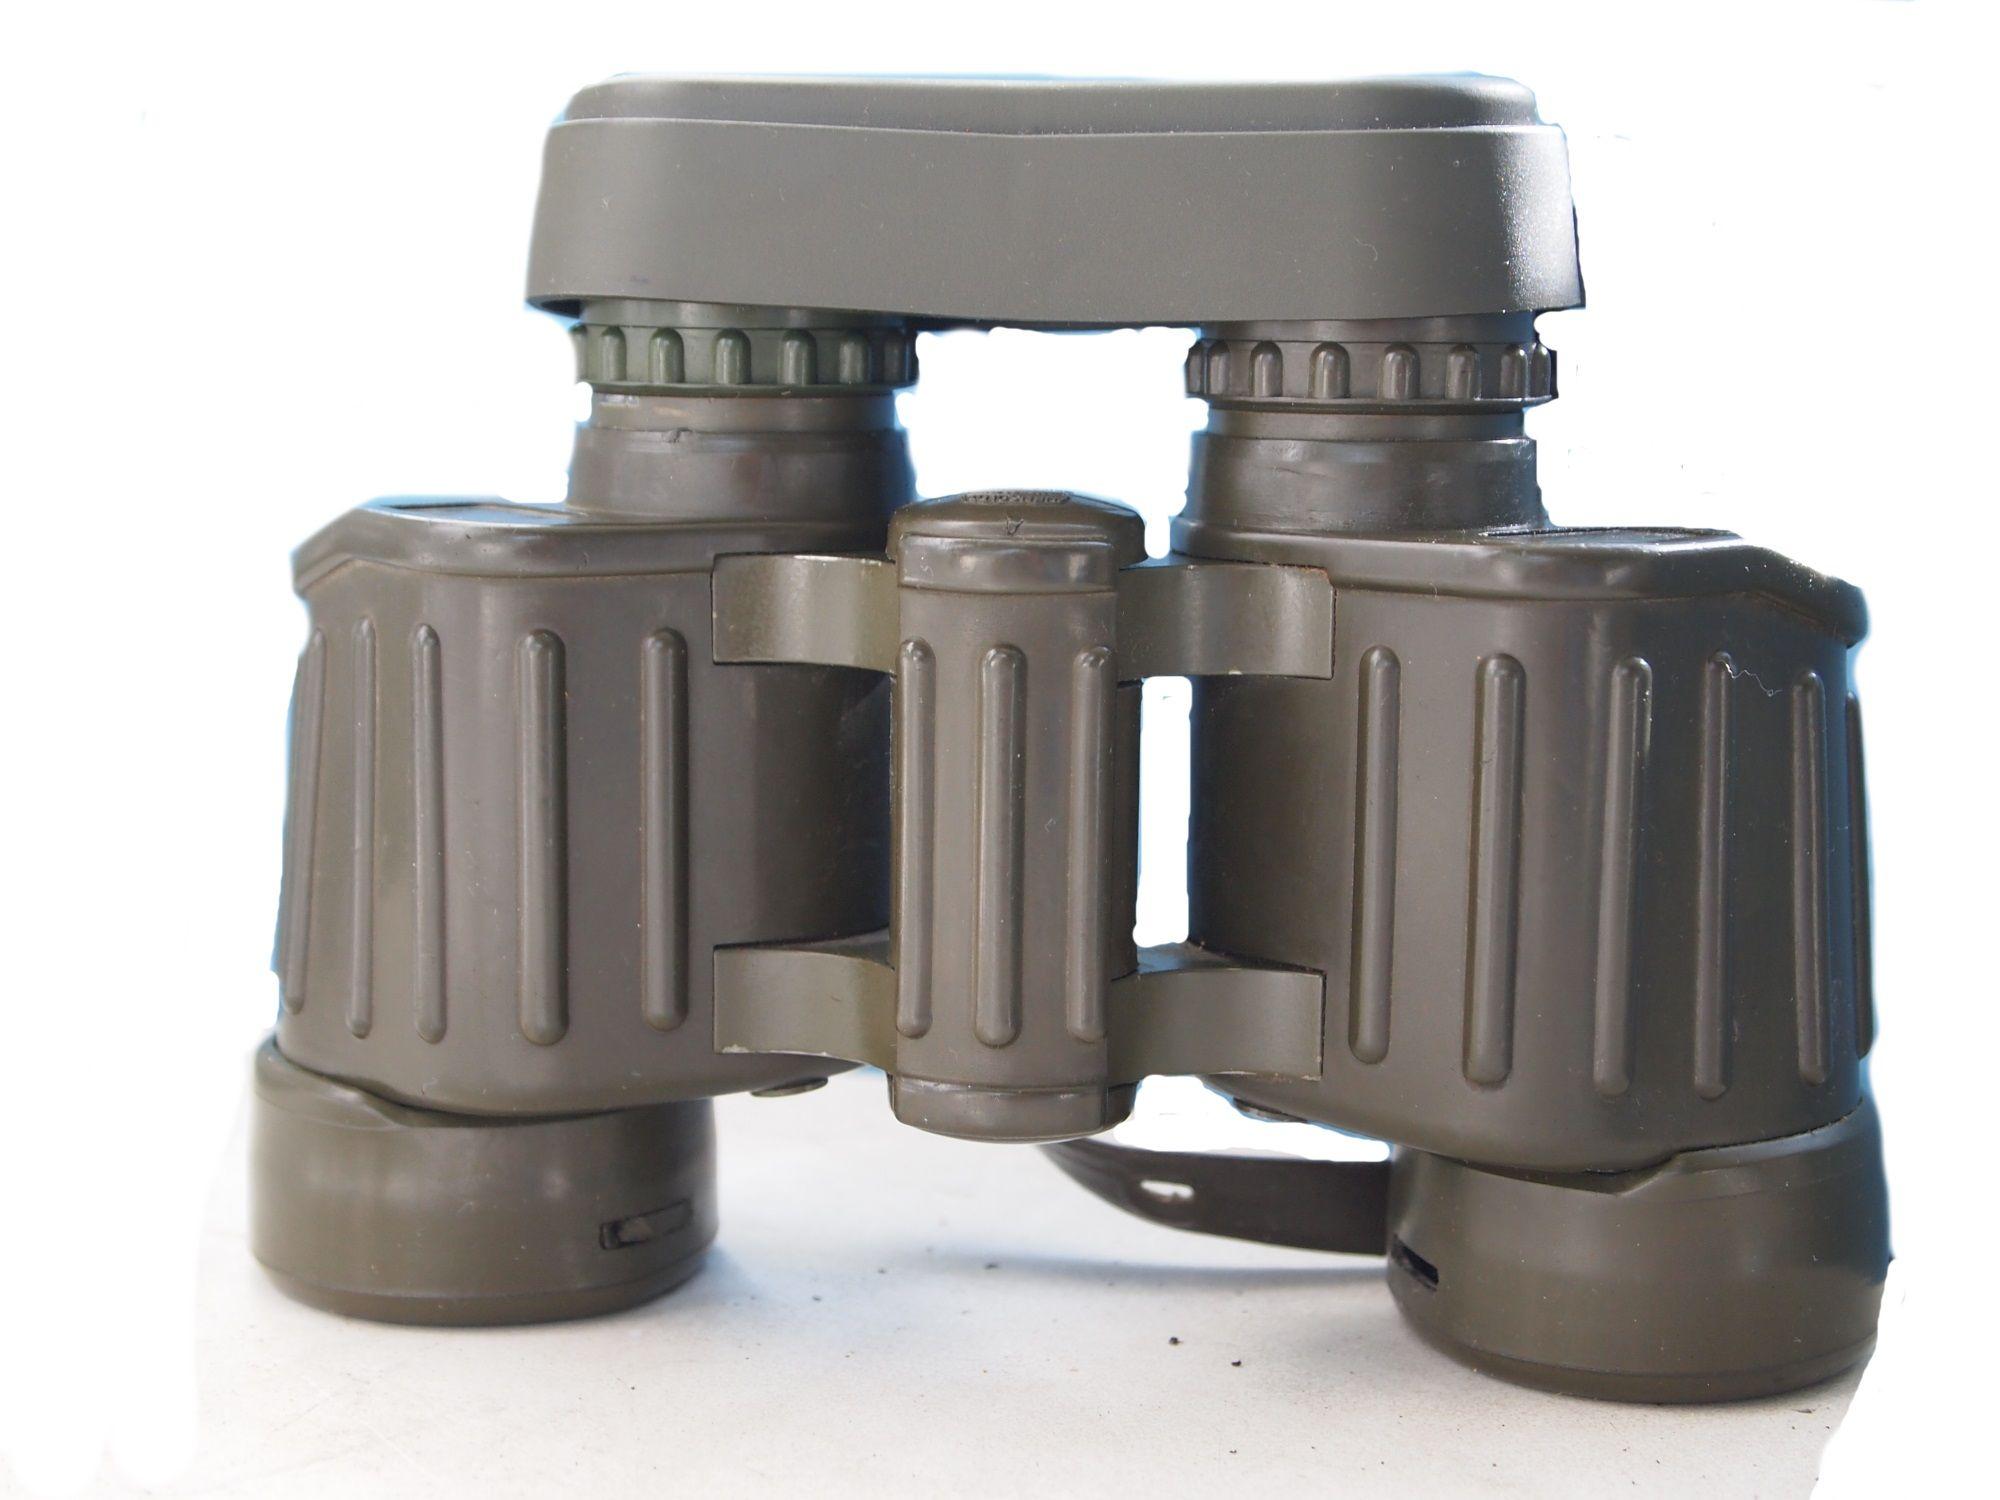 Hensoldt zeiss fernglas fero d army binoculars for hunters